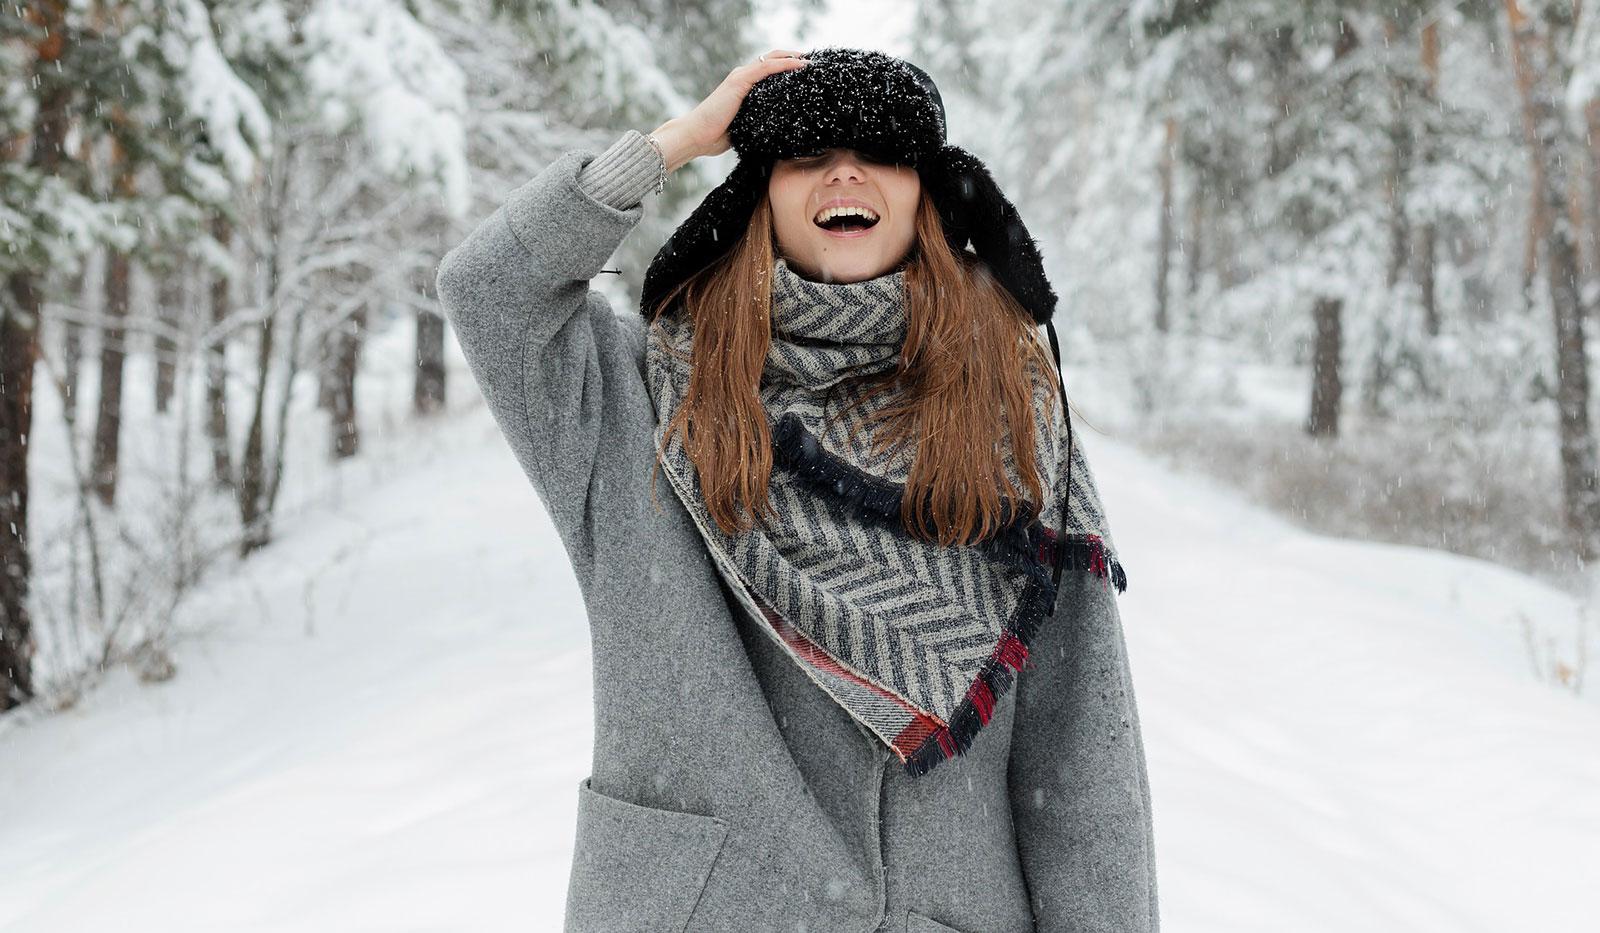 Junge Frau mit dicken Winterklamotten steht auf Feldweg im Winter